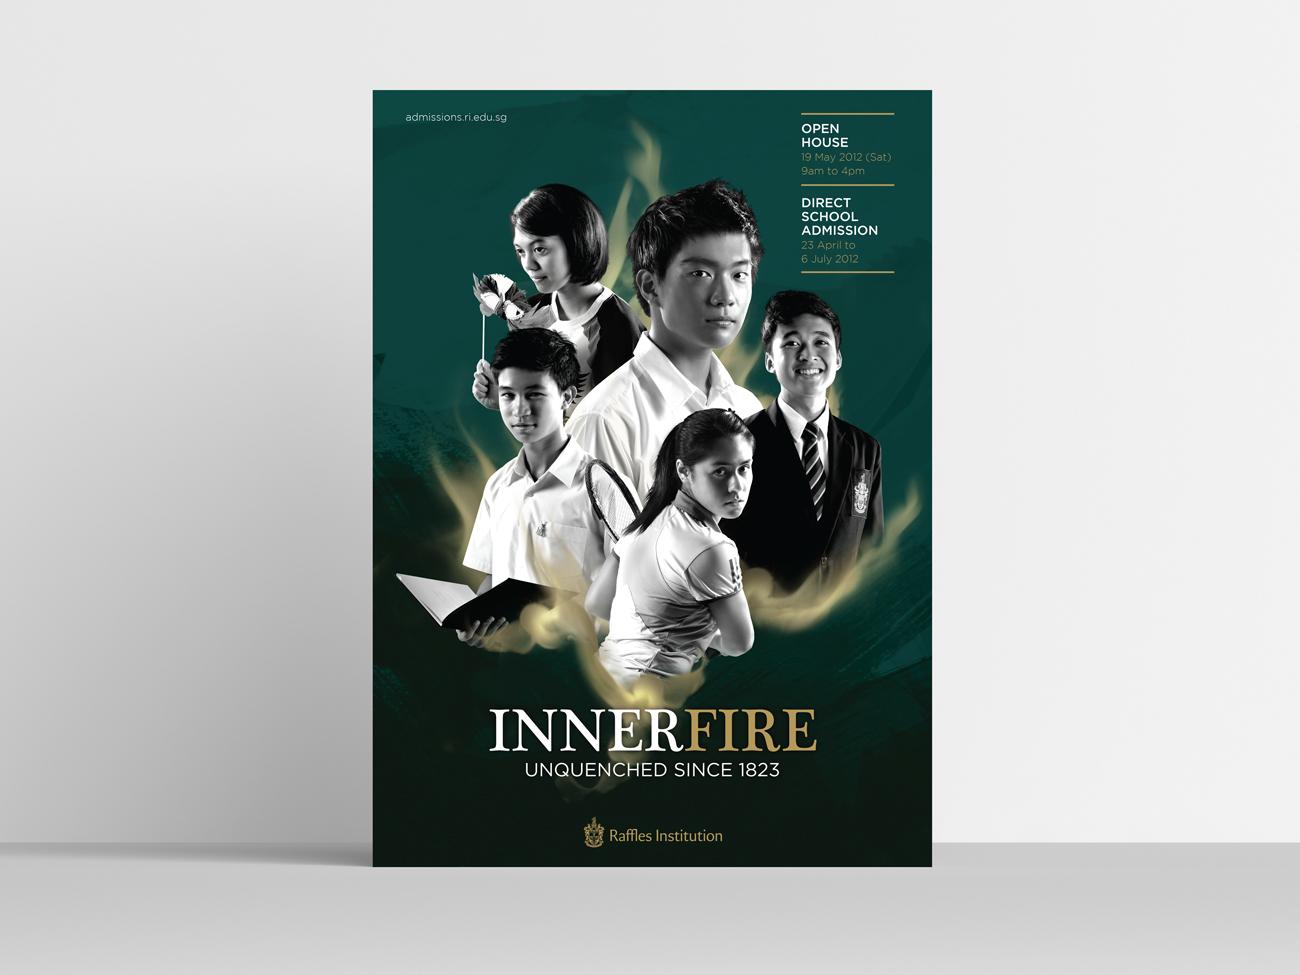 inner1